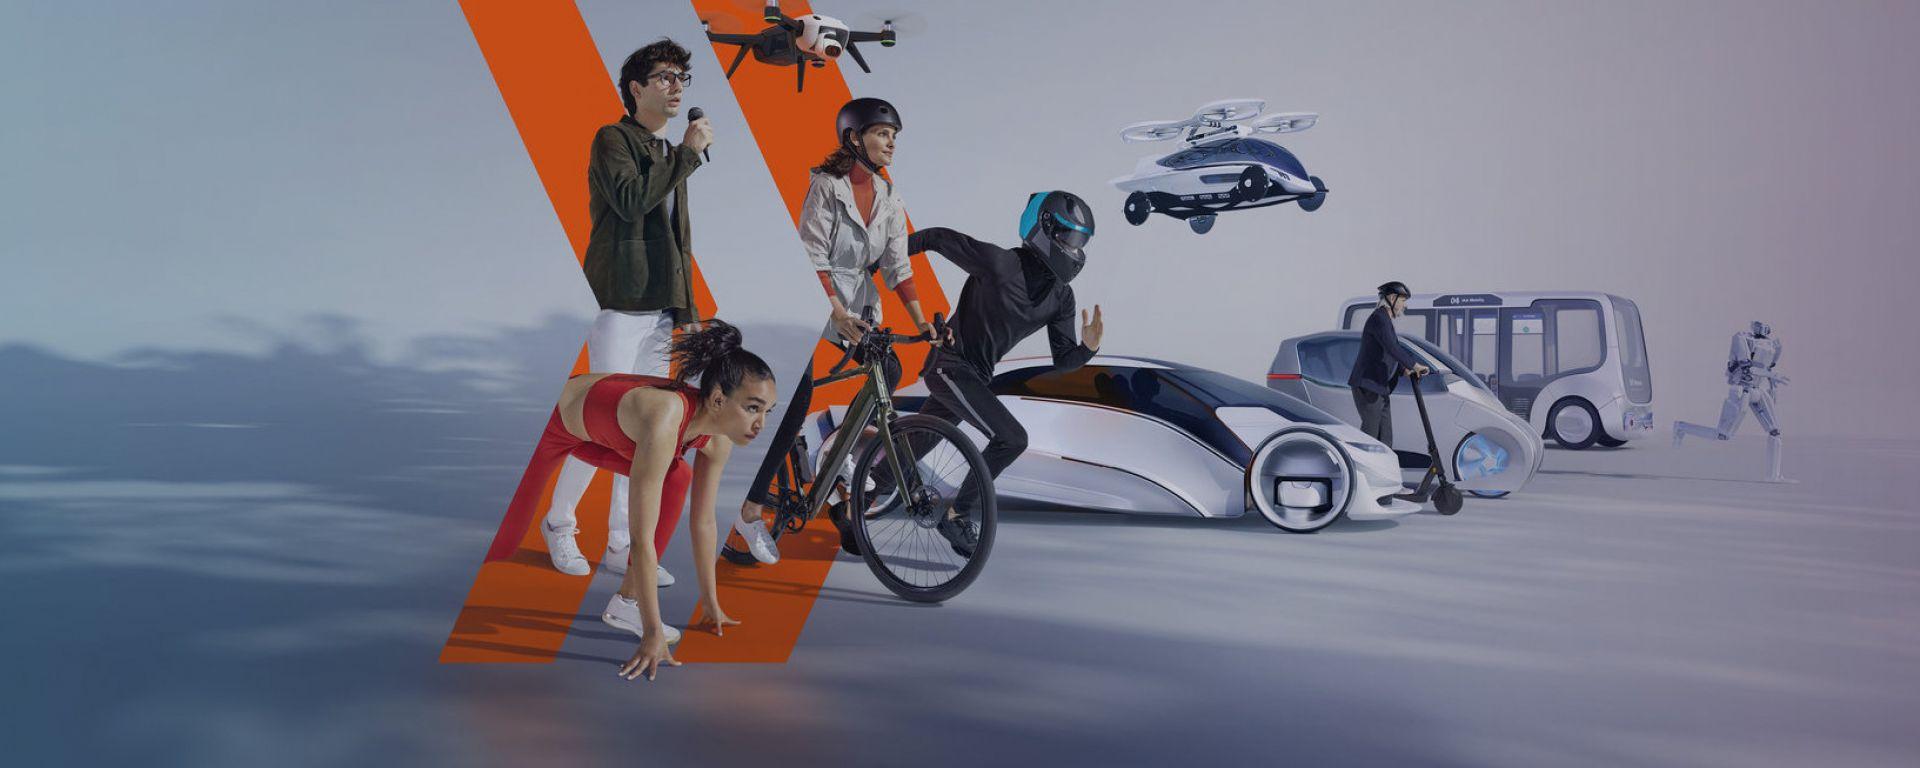 IAA Mobility 2021 (Monaco di Baviera, 7-12 settembre 2021), la locandina